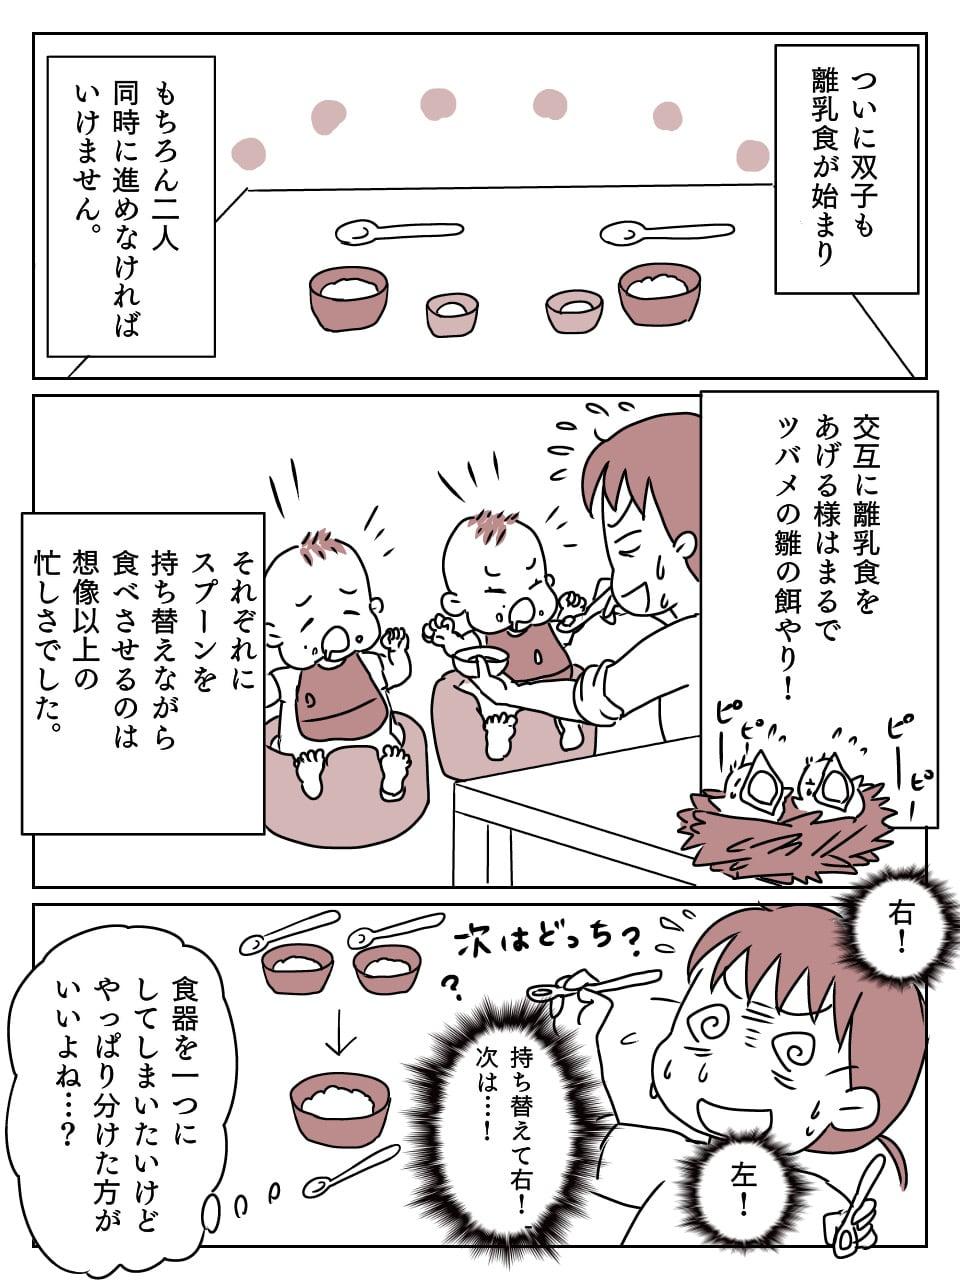 双子育児 食事事情 1